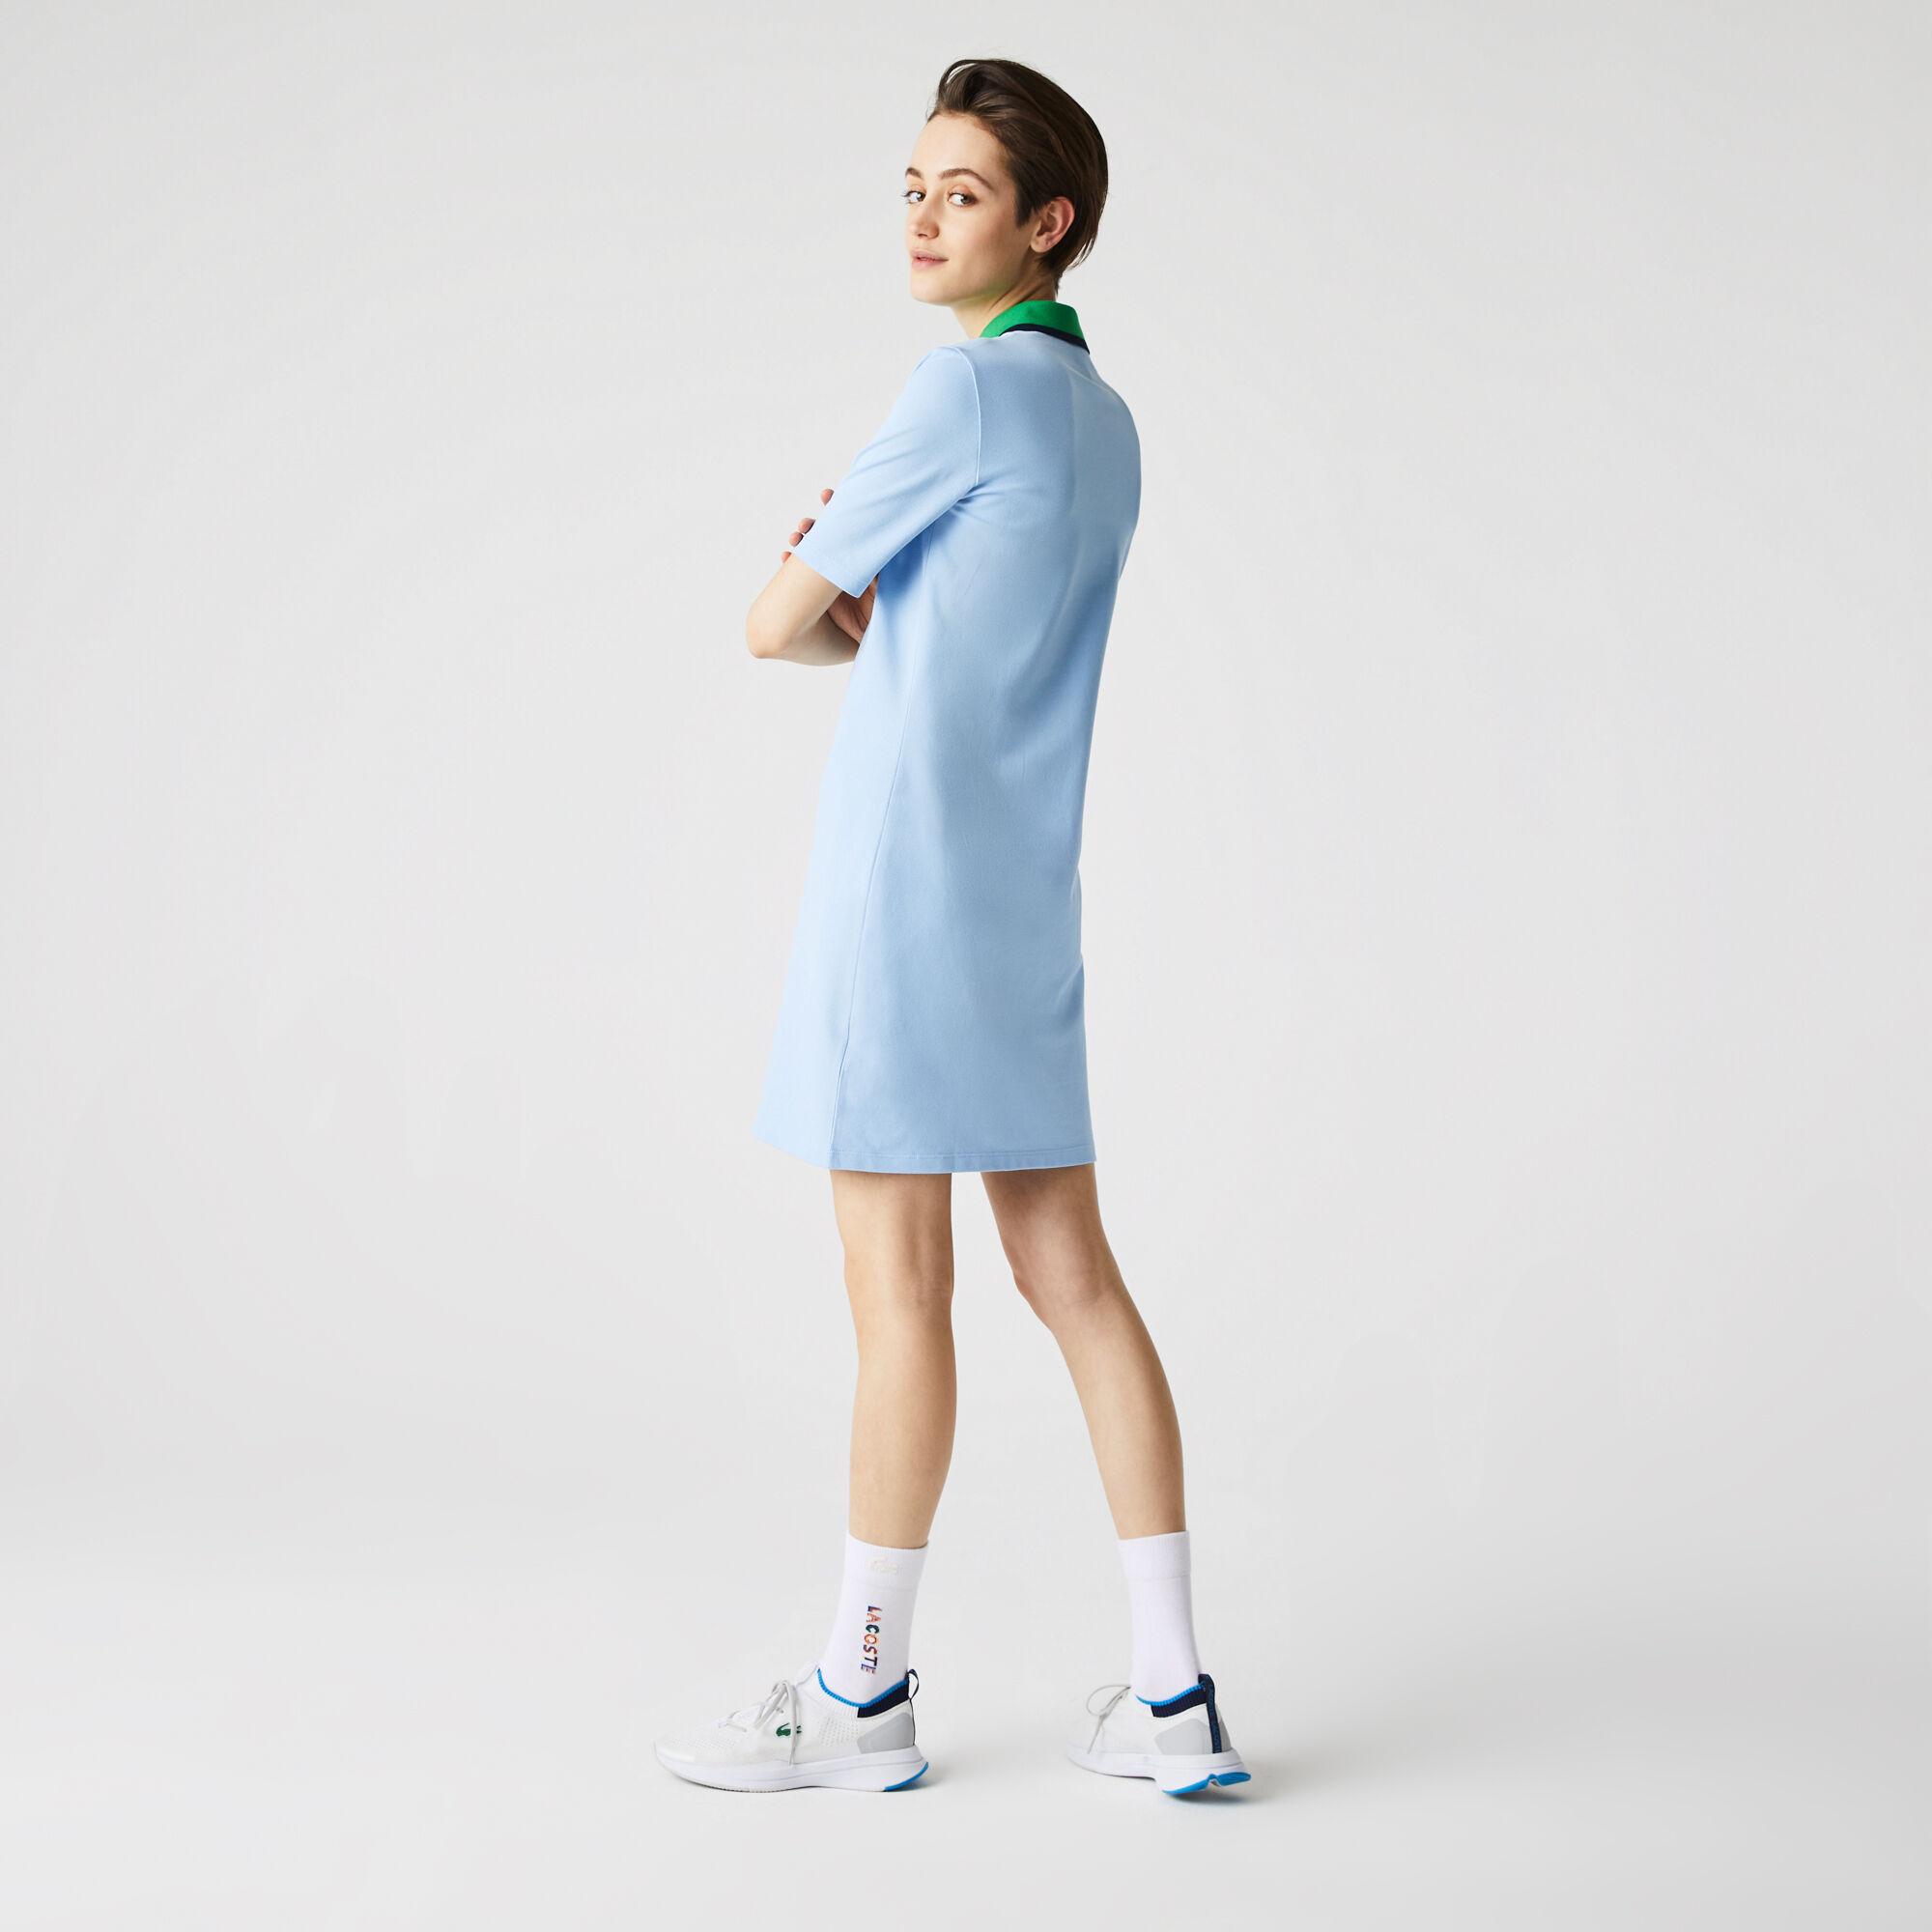 فستان بولو نسائي من قطن بيكيه المرن ذو ياقة متباينة